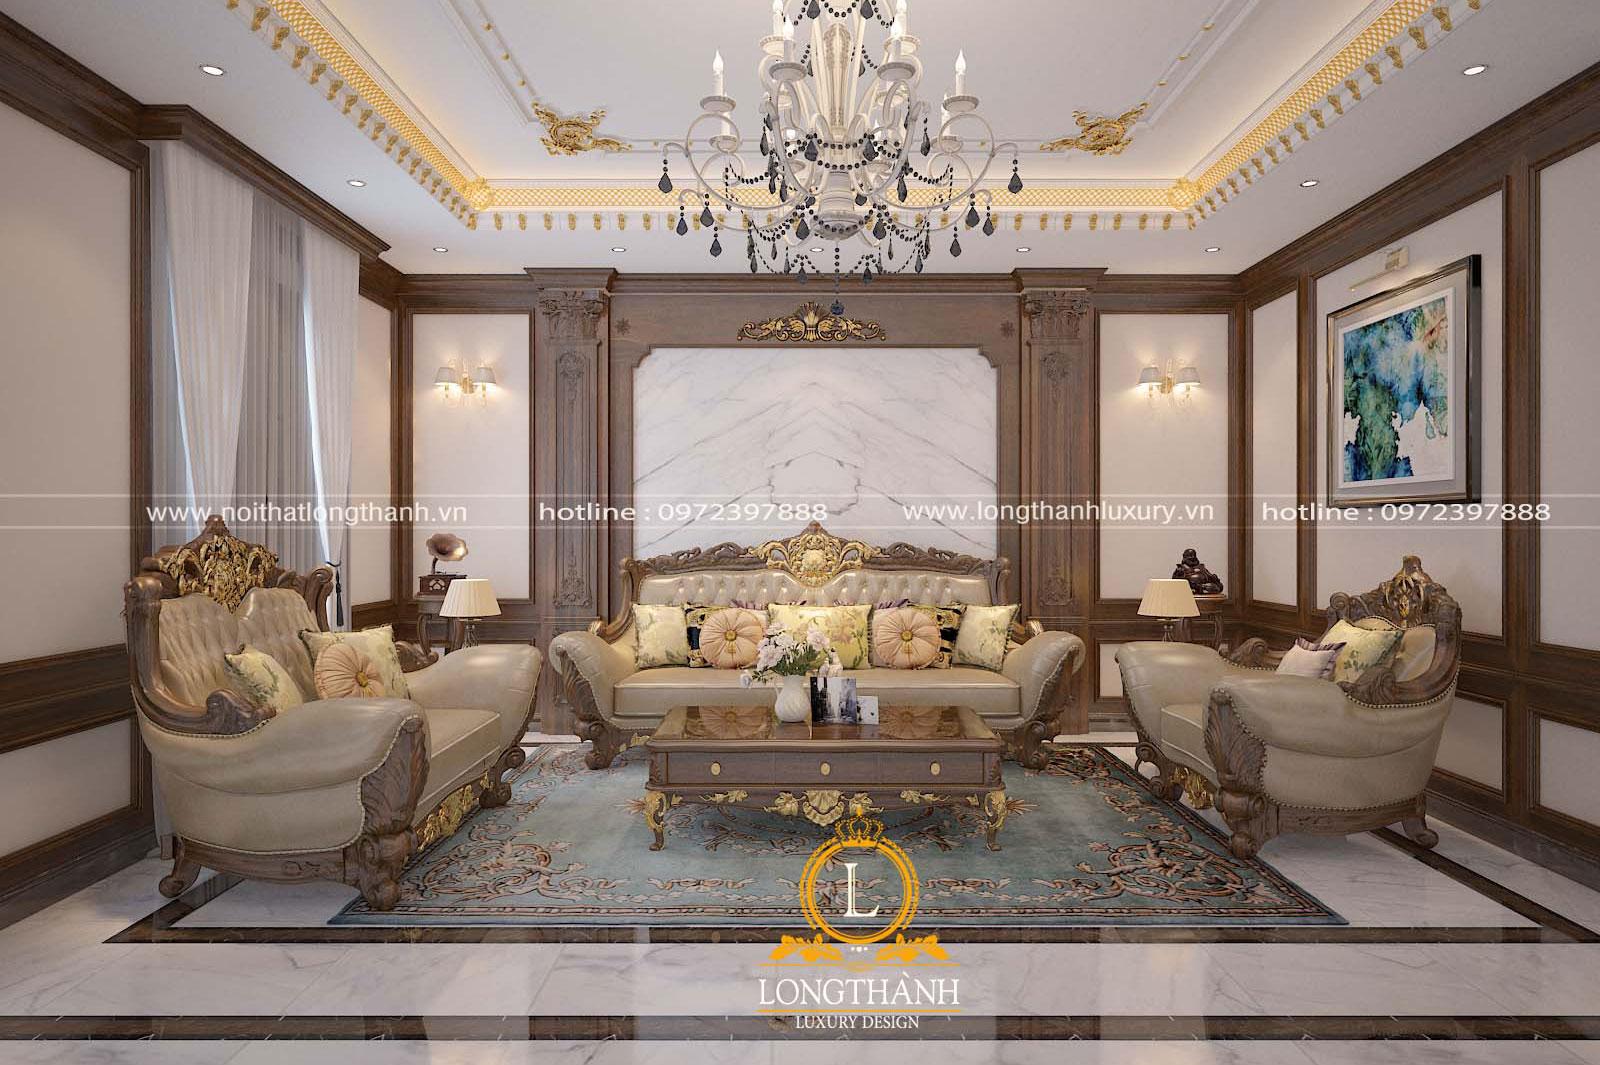 Căn phòng khách với bộ sofa tân cổ điển làm chủ đạo